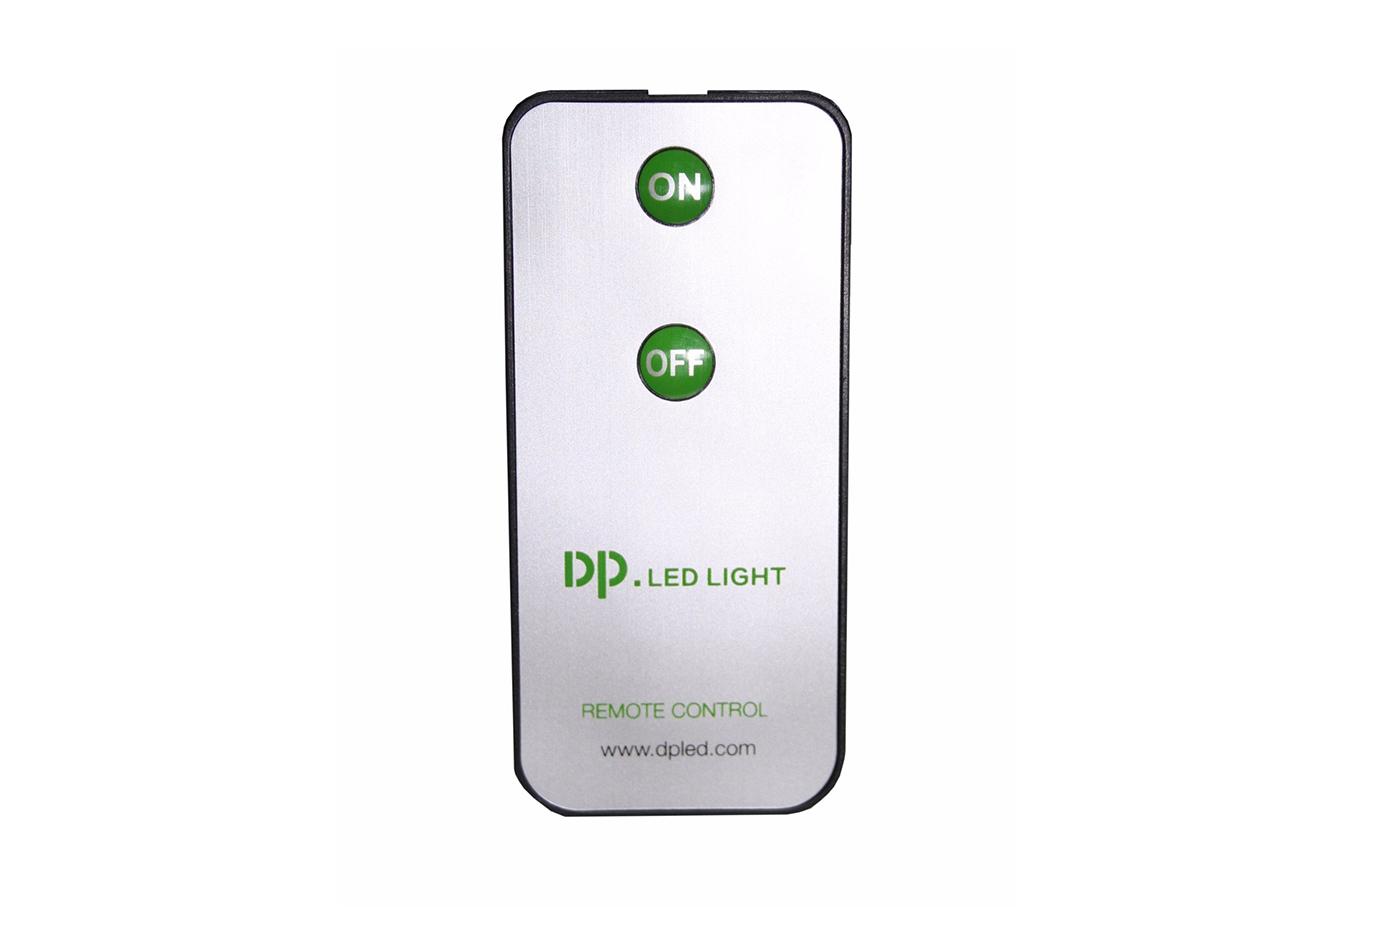 Plafoniera Neon Con Emergenza : Plafoniera disano ip w con modulo emergenza arredamento e